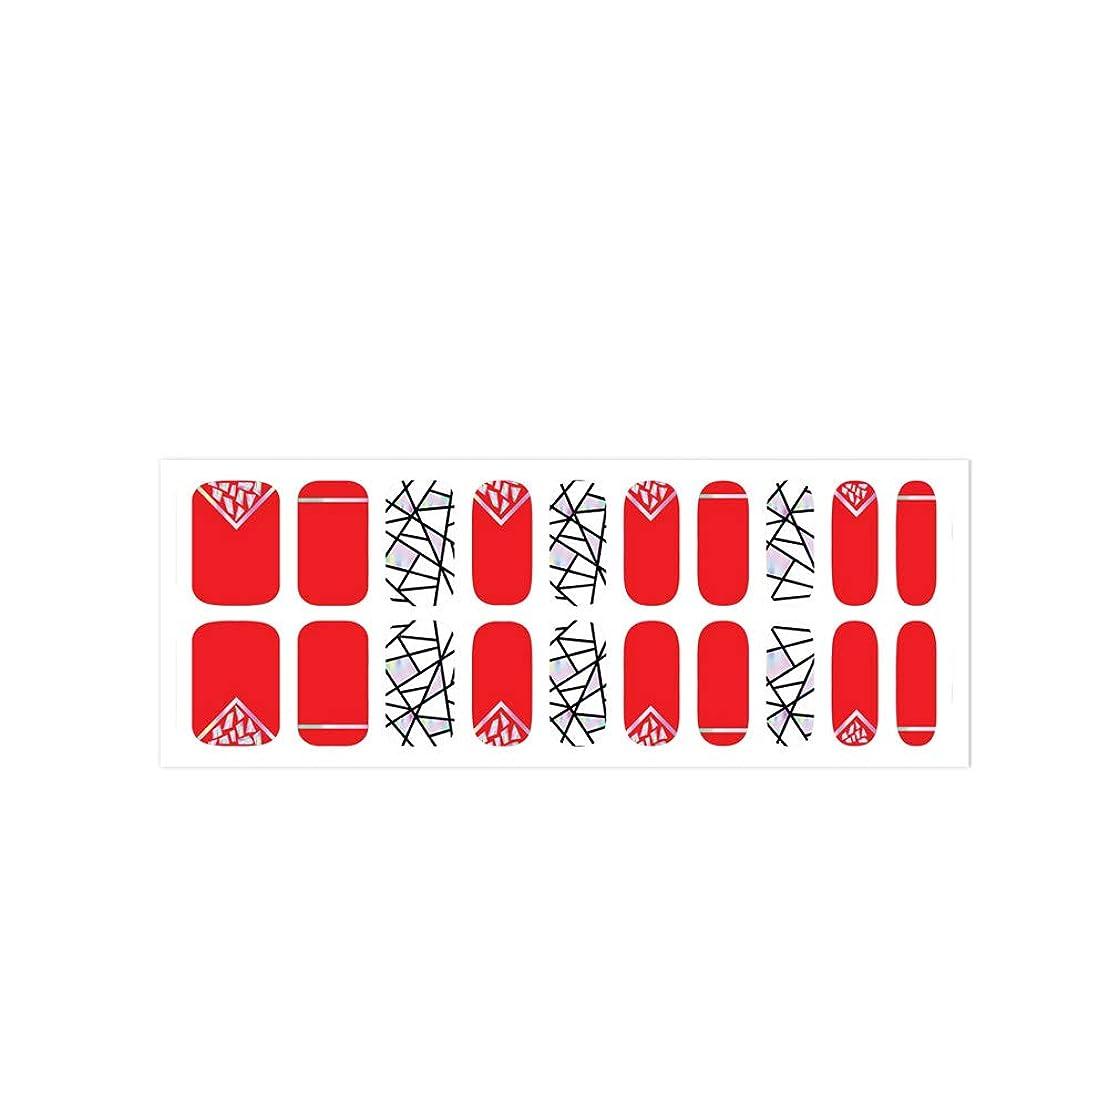 盆地トラクター絶滅した爪に貼るだけで華やかになるネイルシート! 簡単セルフネイル ジェルネイル 20pcs ネイルシール ジェルネイルシール デコネイルシール VAVACOCO ペディキュア ハーフ かわいい 韓国 シンプル フルカバー ネイルパーツ シール フラワー クリア ラインテープ ツートン おしゃれ (broken glass(レッド))